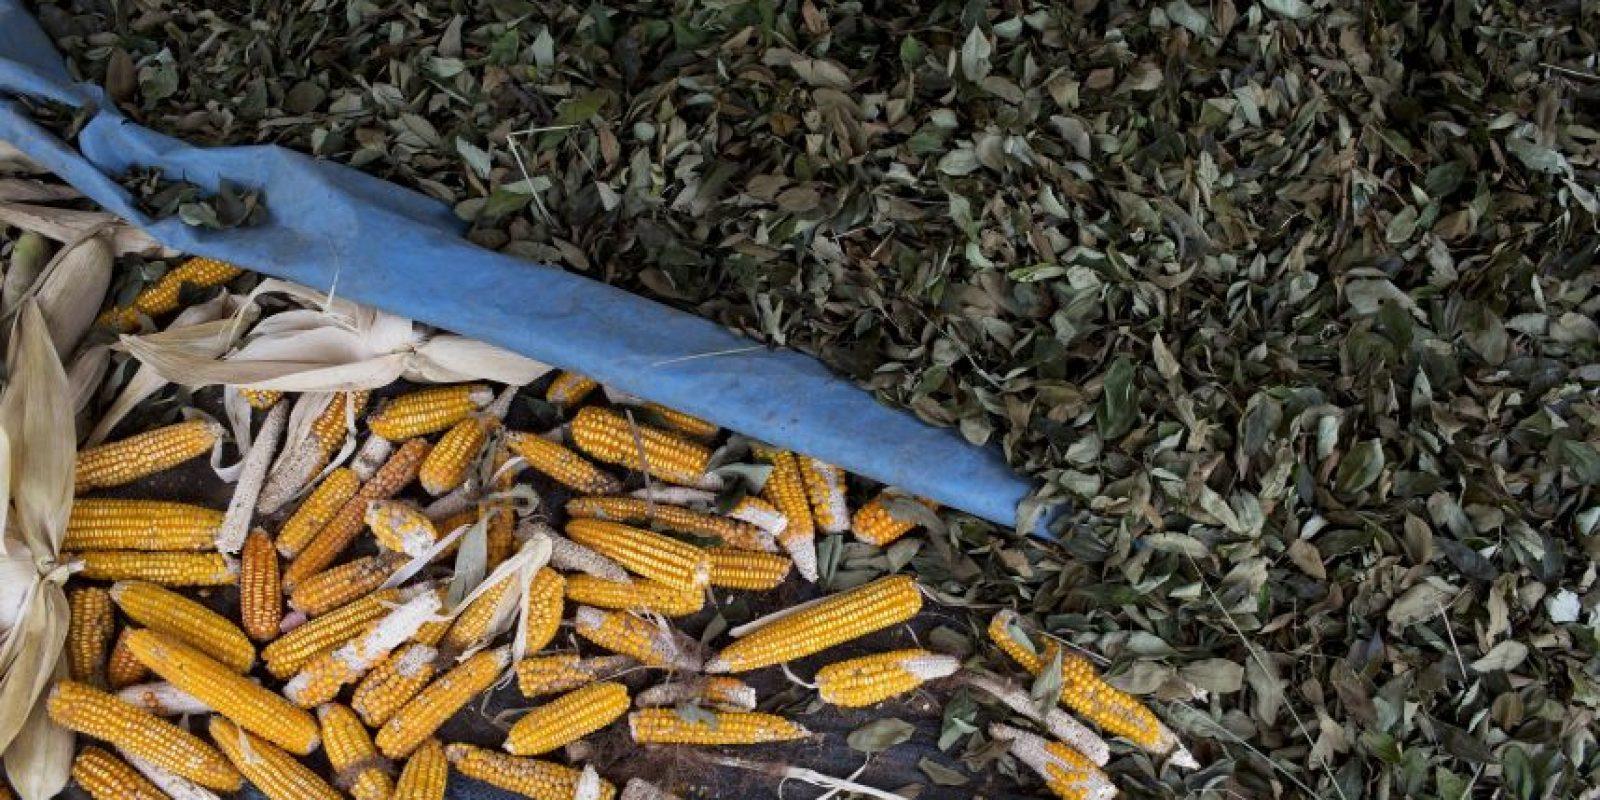 En esta imagen, tomada el 28 de octubre de 2015, hojas de coca tendidas junto a mazorcas de maíz en la propiedad de un agricultor luego de que su plantación de coca fuese destruida por trabajadores del grupo para el Control y Reducción de la Hoja de Coca en el Alto Huallaga (CORAH), en Nueva Esperanza, una remota localidad en la municipalidad de Ciudad Constitución, en la Amazonía peruana. Perú es el principal productor de cocaína del mundo y el segundo, por detrás de Colombia, en cultivos de hoja de coca. Foto:AP Photo/ Rodrigo Abd